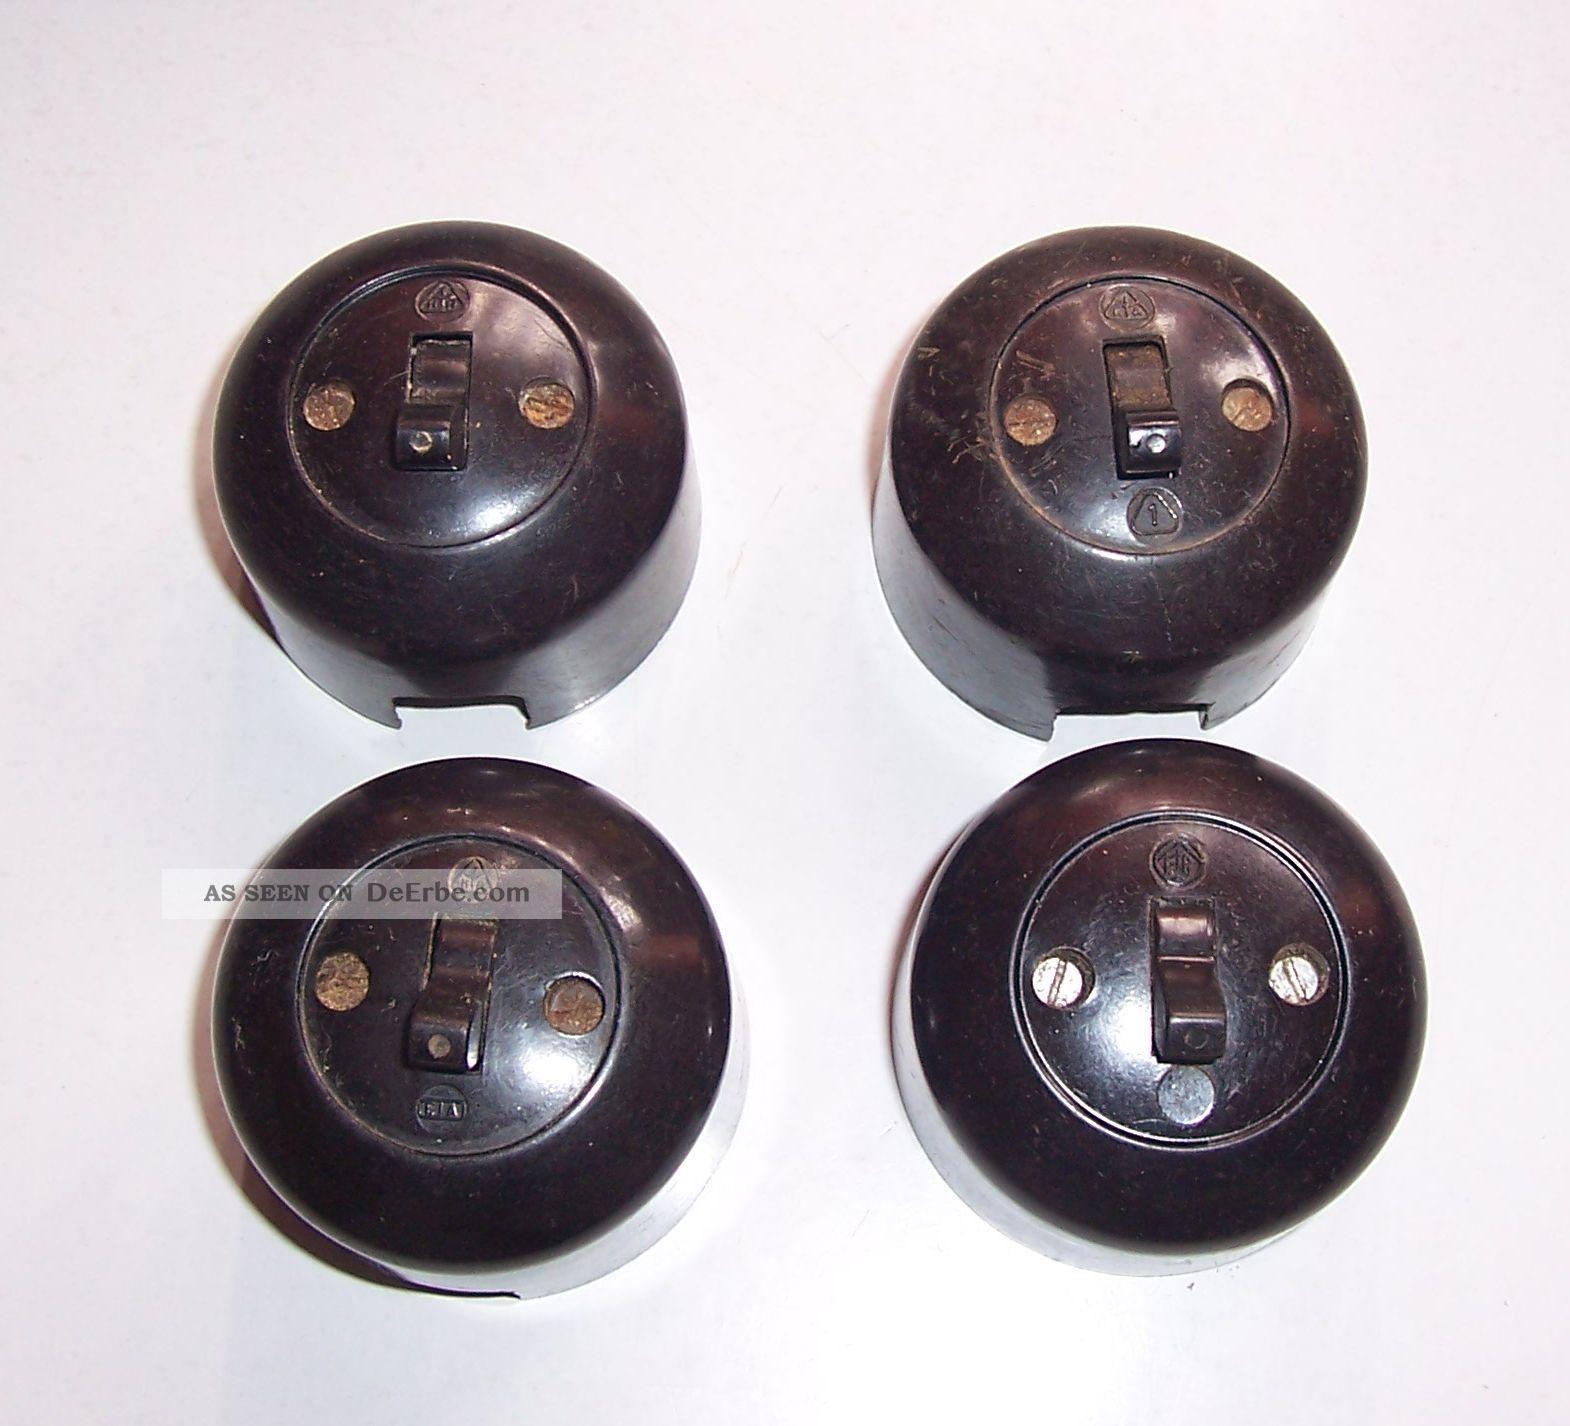 4x alte bakelit ika lichtschalter kippschalter loft vintage bauhaus aufputz e69. Black Bedroom Furniture Sets. Home Design Ideas